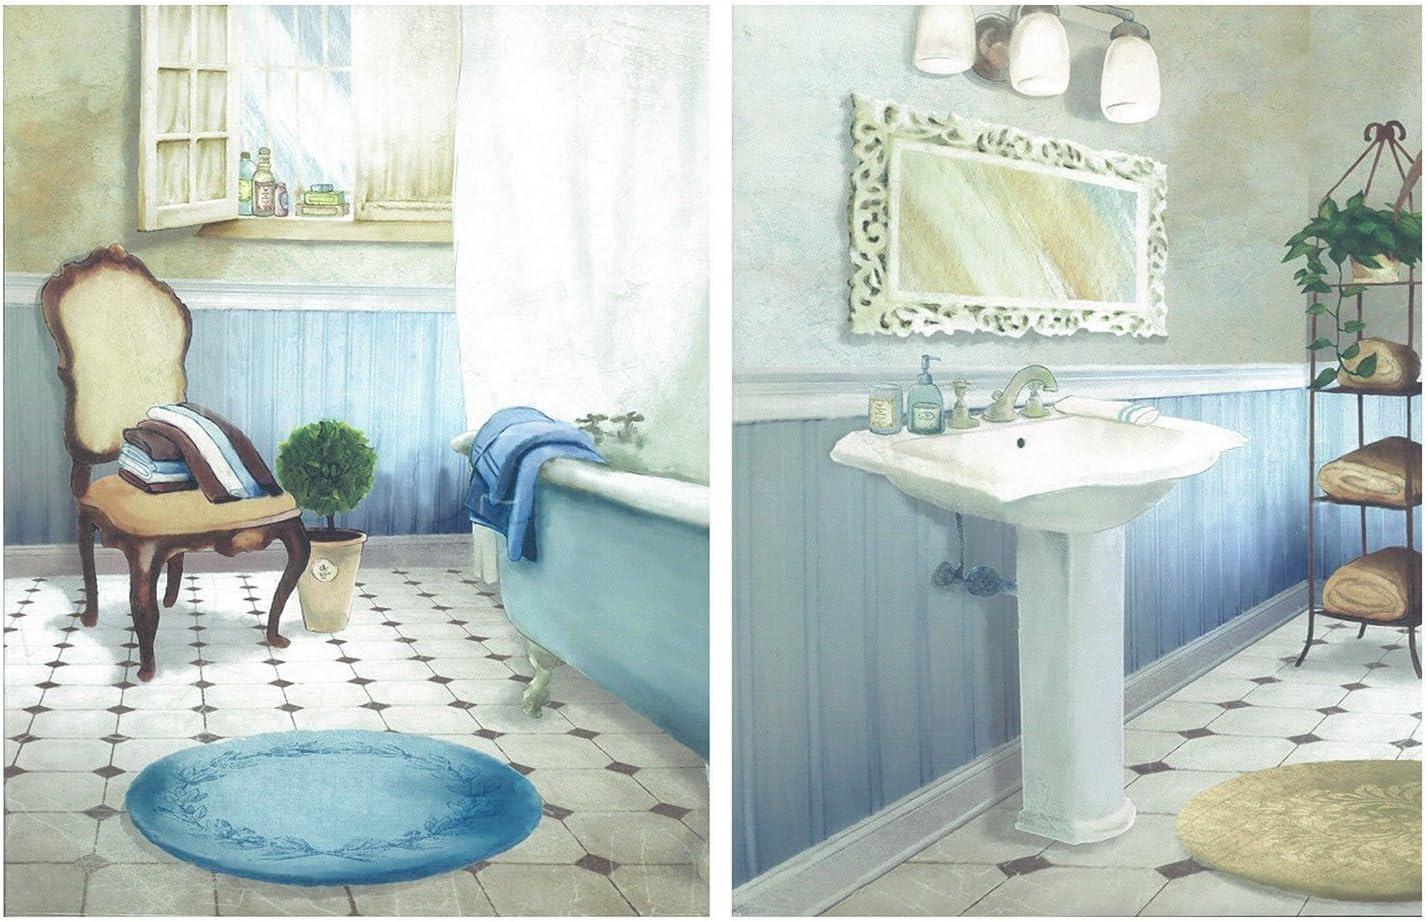 Dcine Cuadro Decorativo de baño en Tonos Azules. Set de 2 Cuadros de 25x19 cm Cada uno